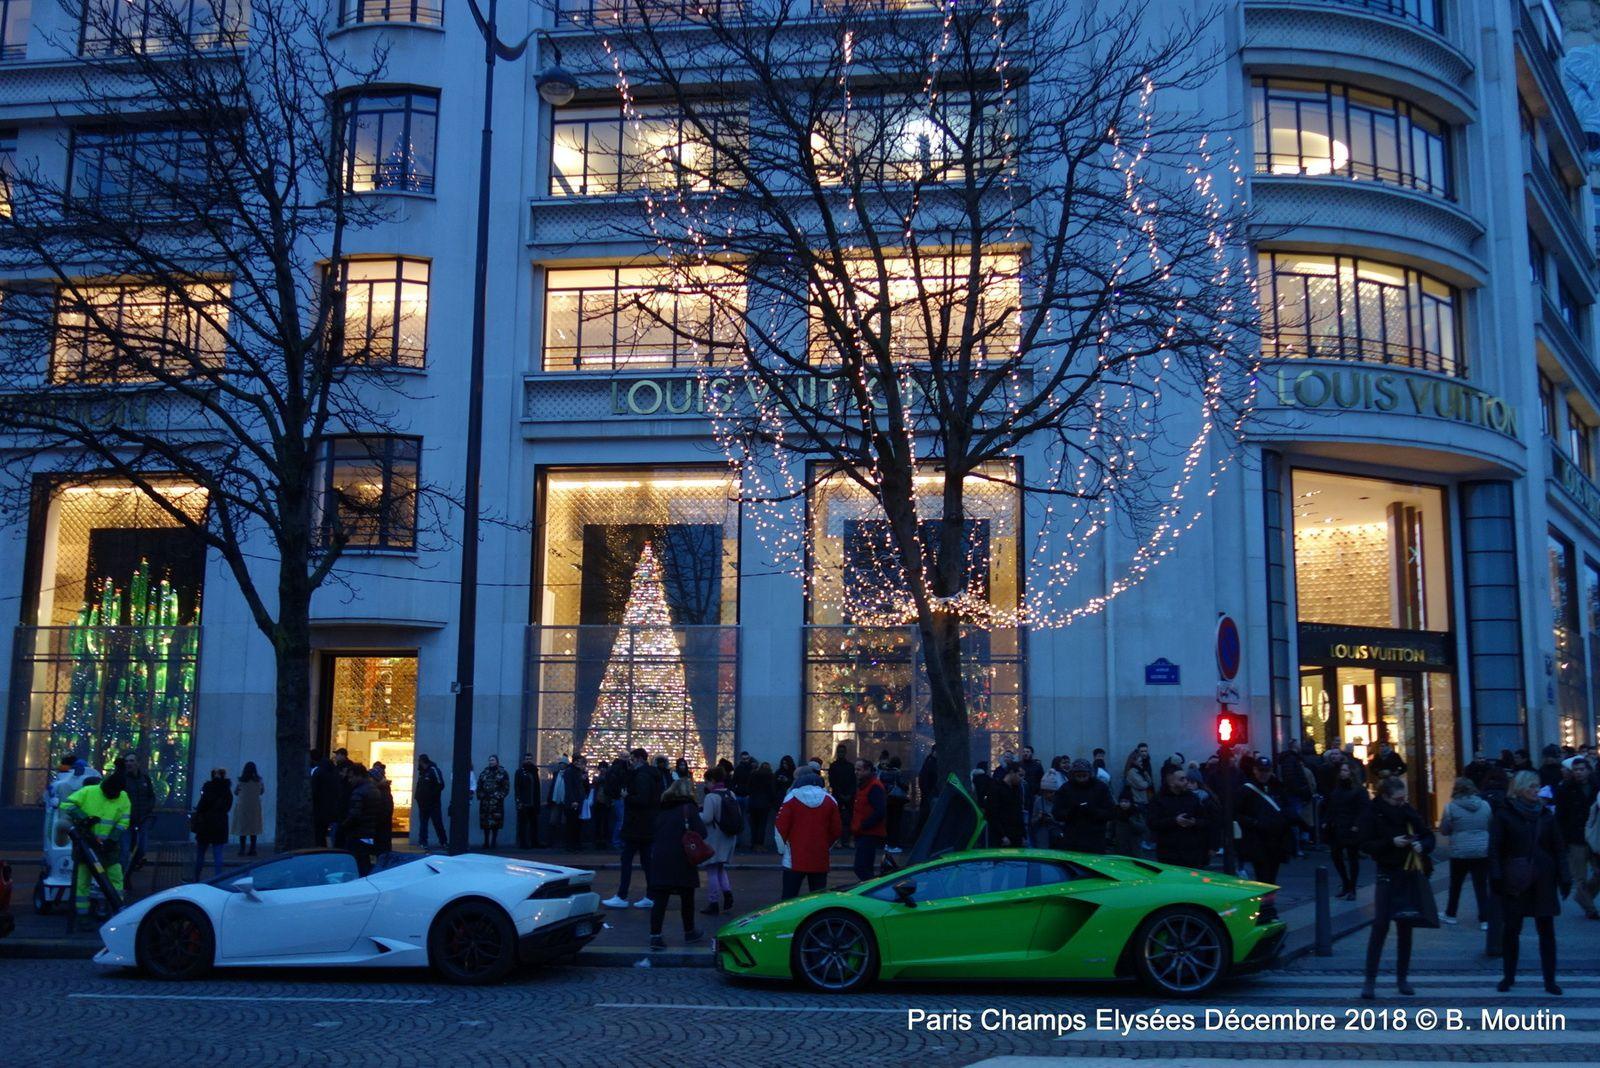 Bientôt Noël à Paris sur les Champs Elysées (6 images)